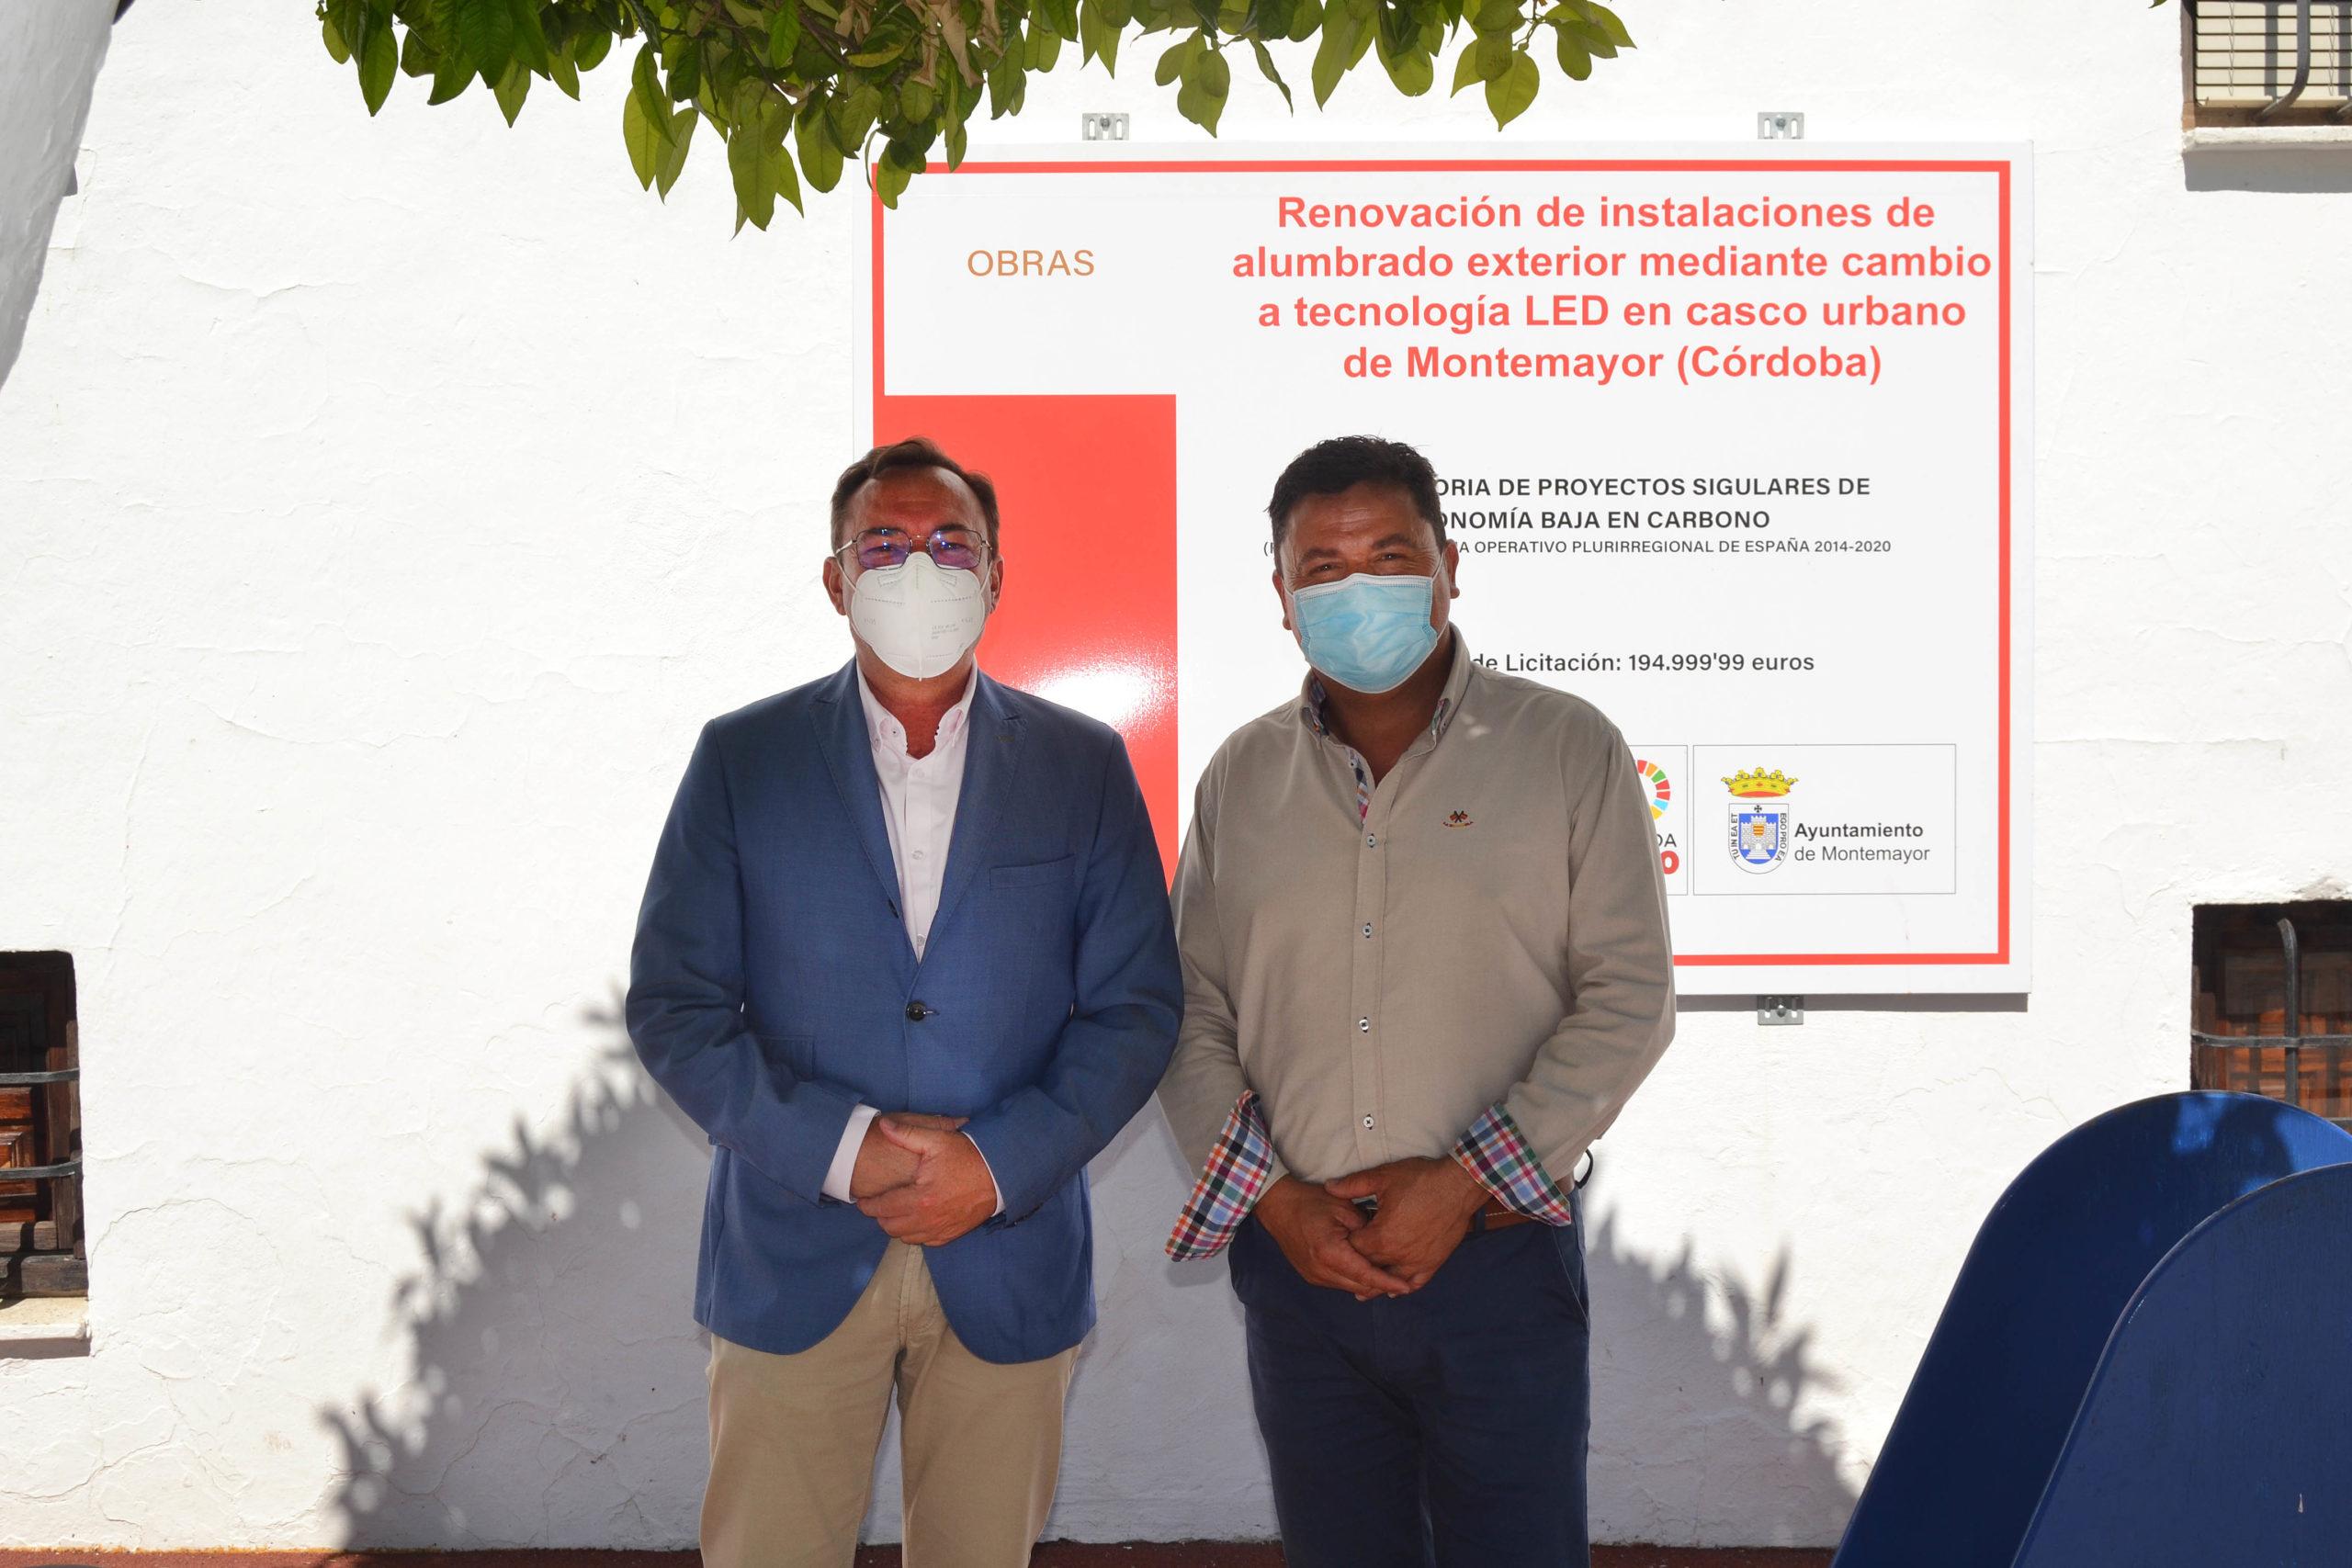 Fernán Núñez y Montemayor avanzan en su transición ecológica  gracias a una reducción de más de 200 toneladas de carbono